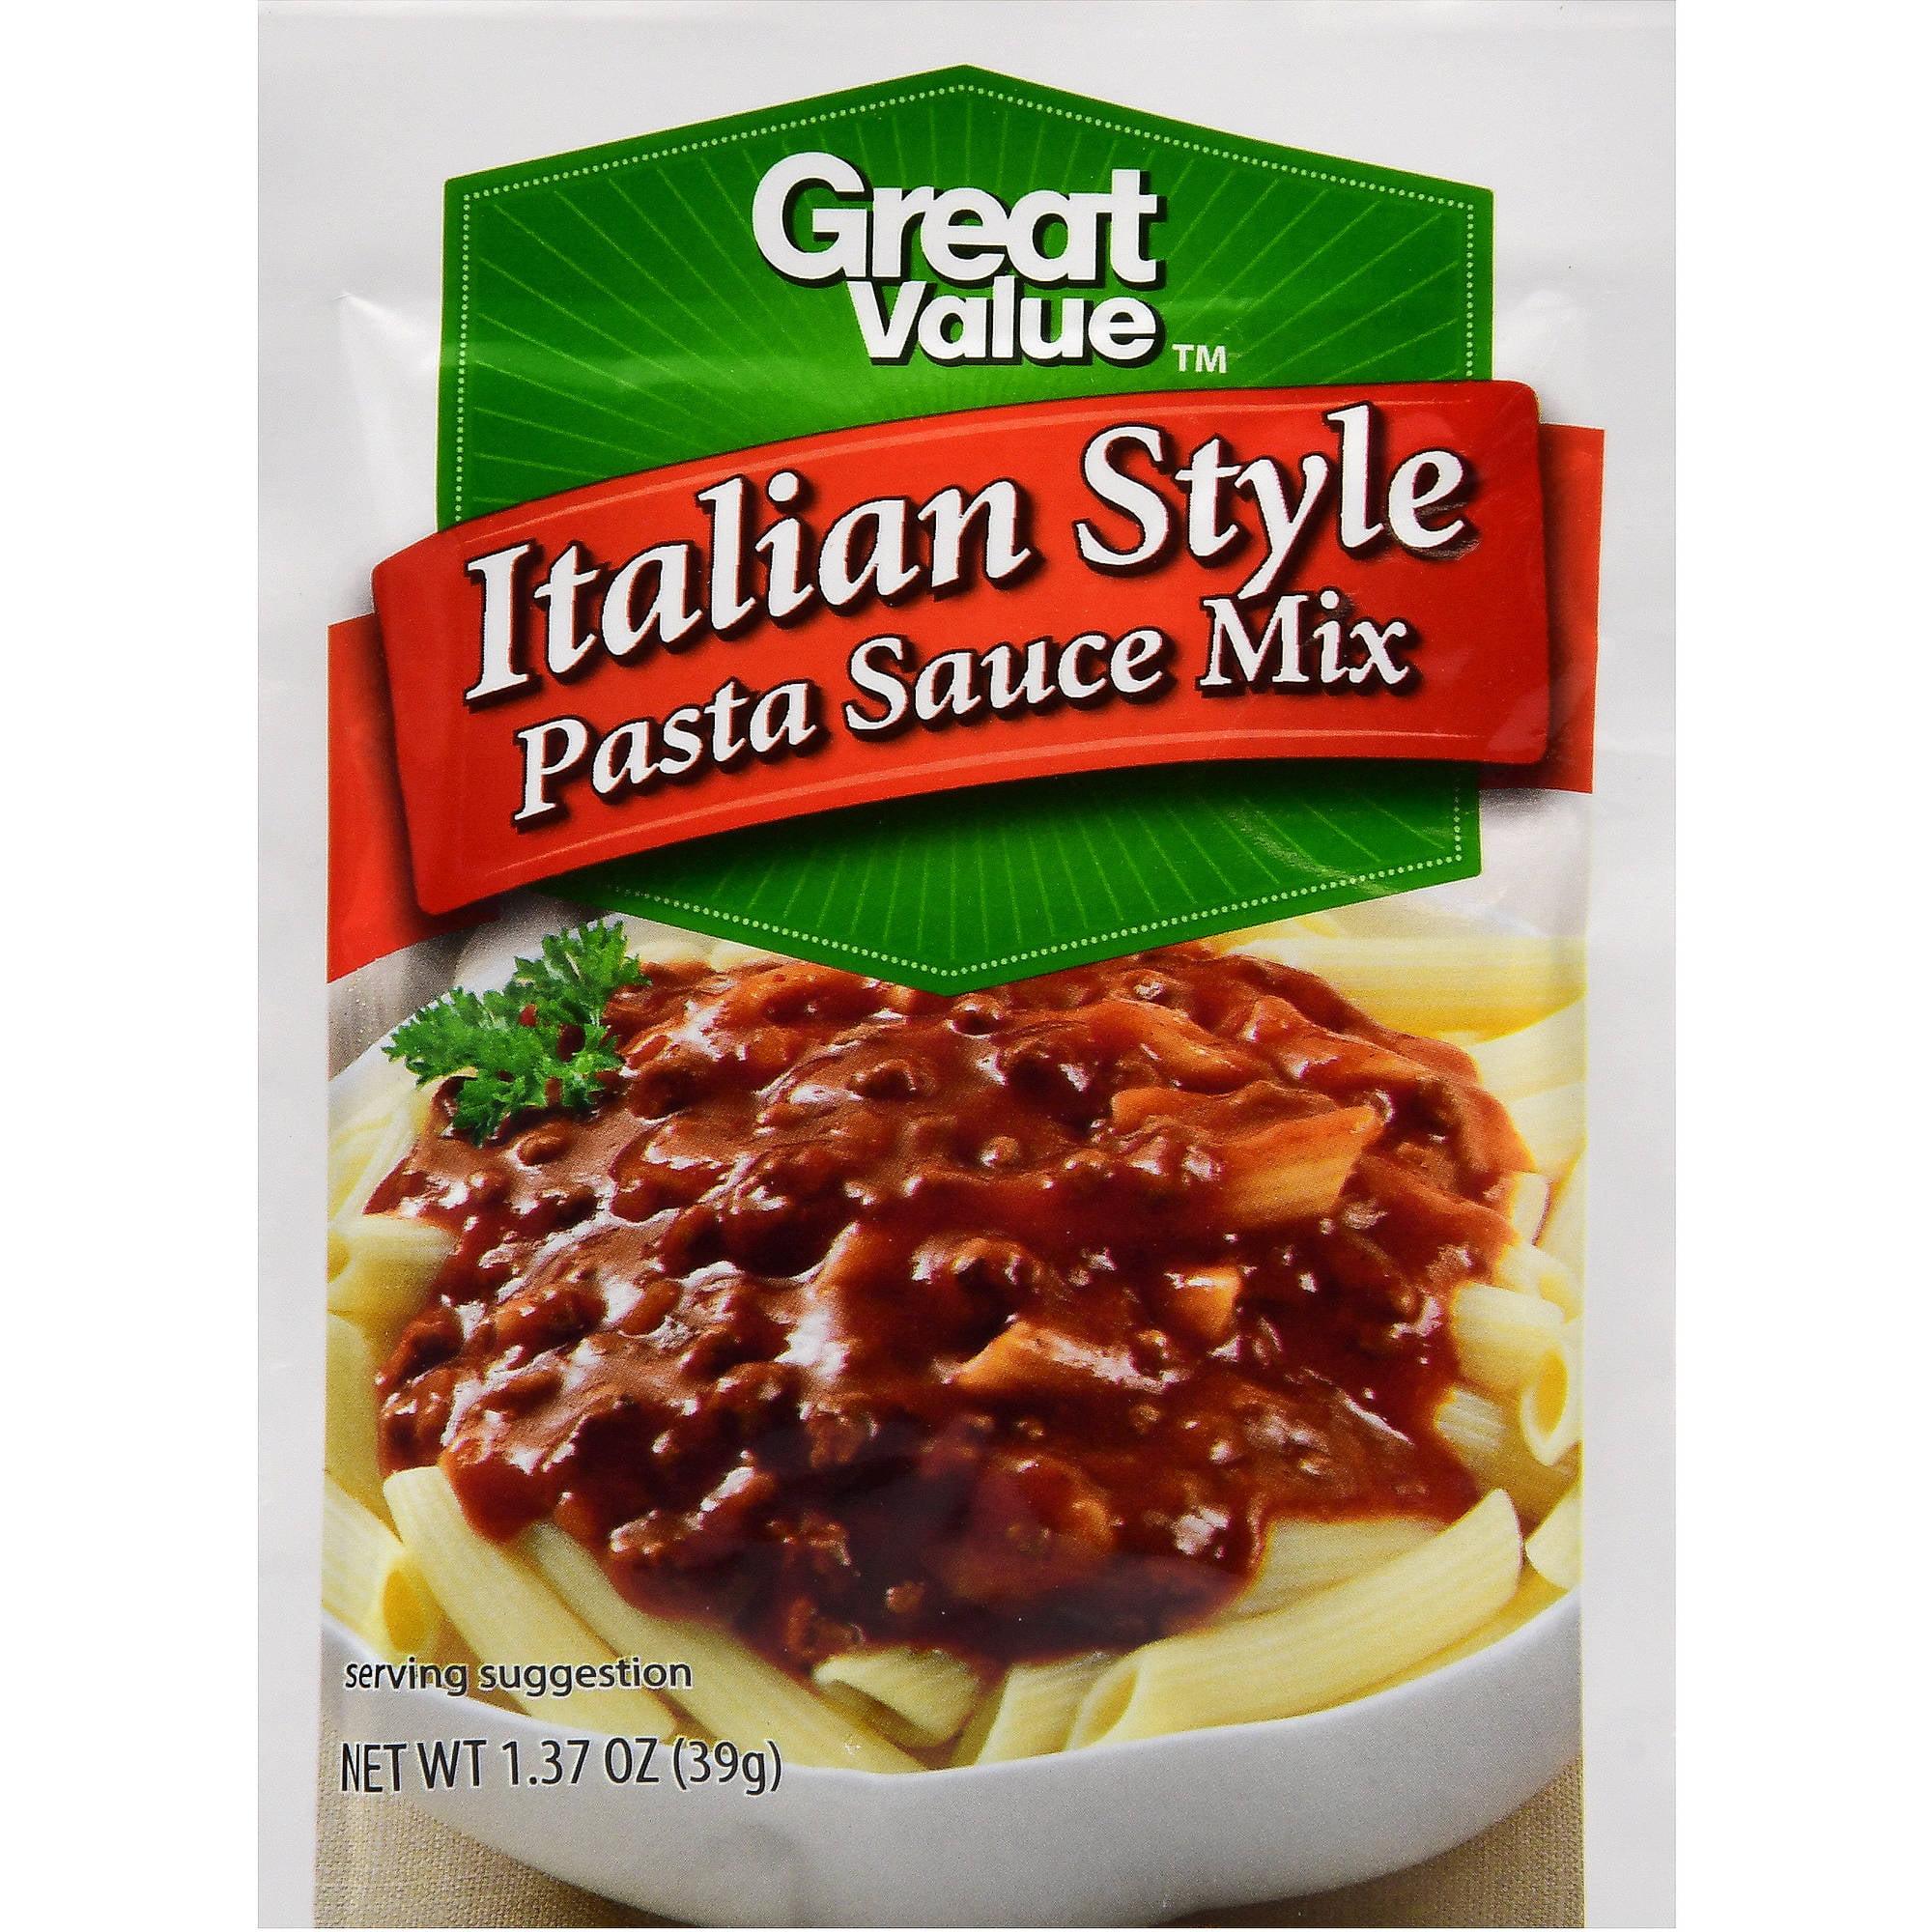 Great Value Italian Style Pasta Sauce Mix, 1.37 oz